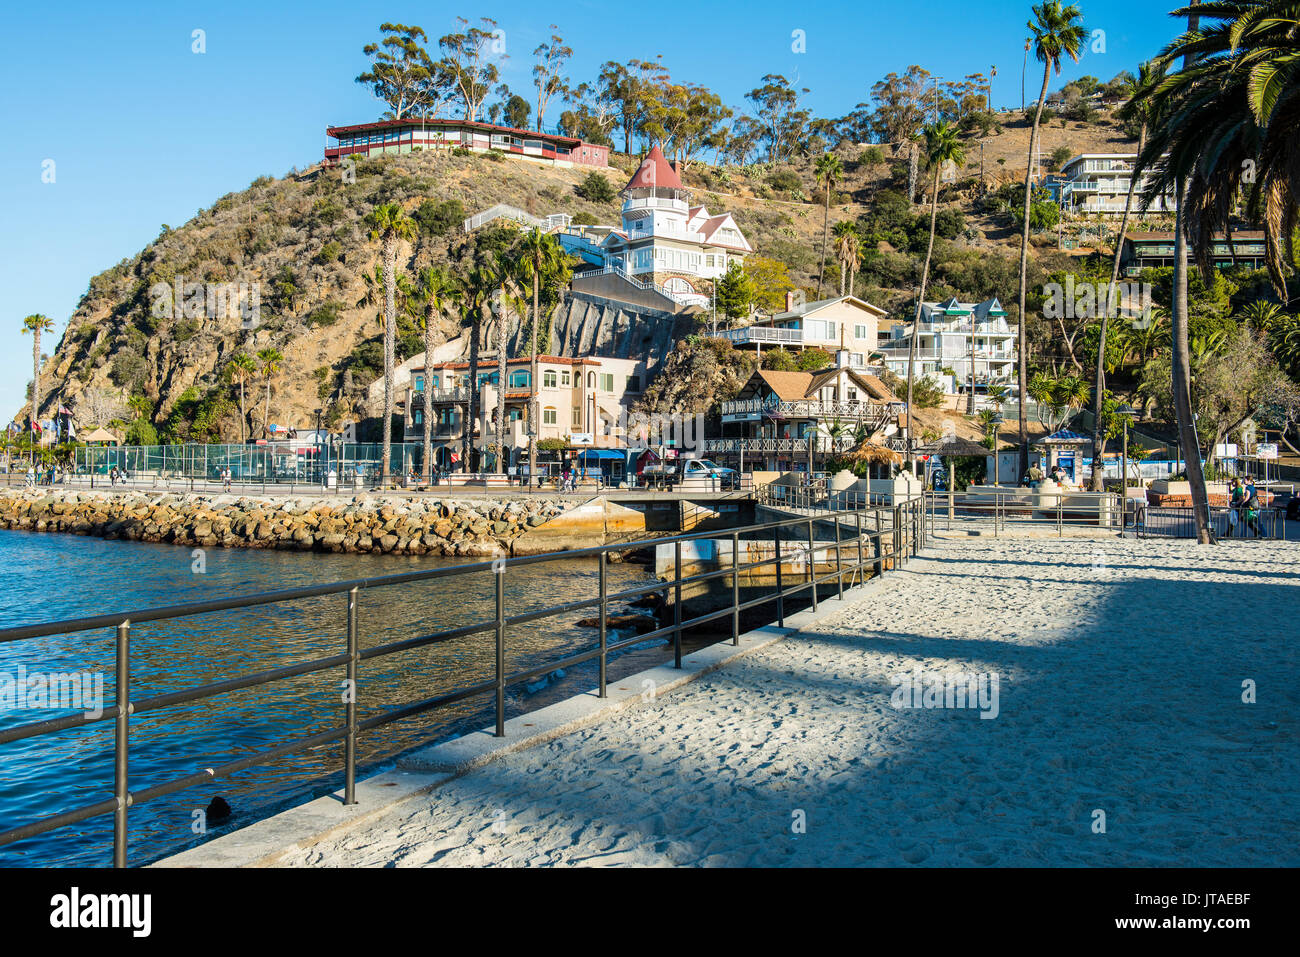 Santa catalina island stock photos santa catalina island for The catalina